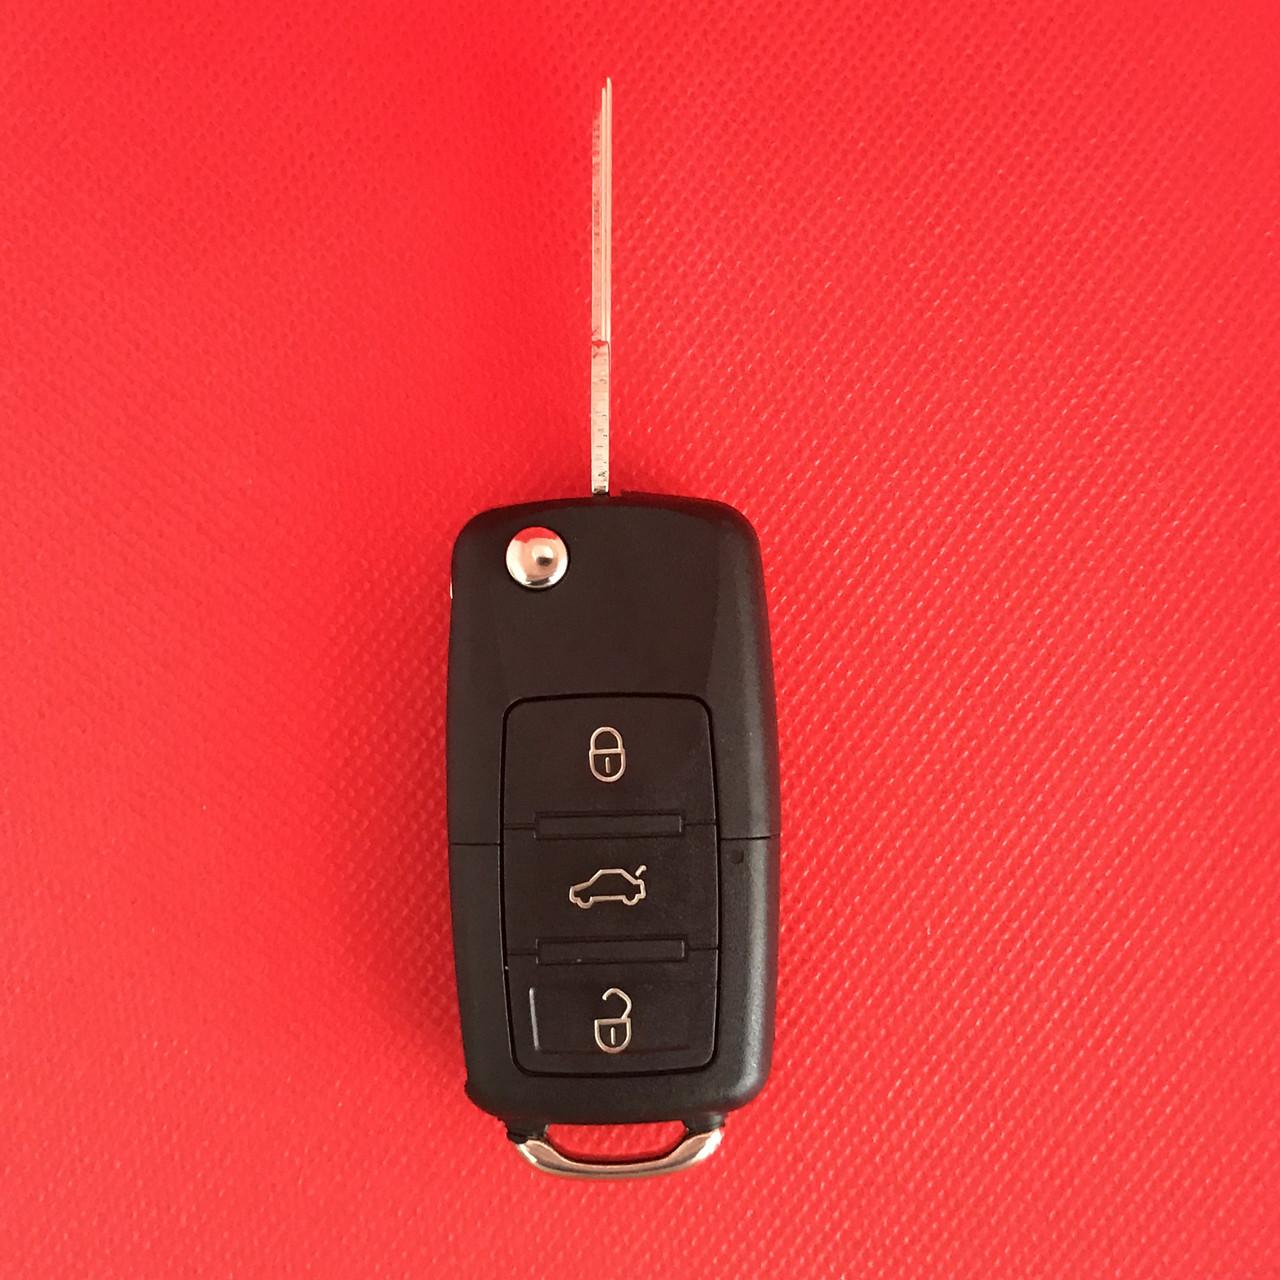 Корпус выкидного авто ключа для VOLKSWAGEN Passat, Jetta, Golf лезвие HU 49 (Фольксваген) 3 кнопки